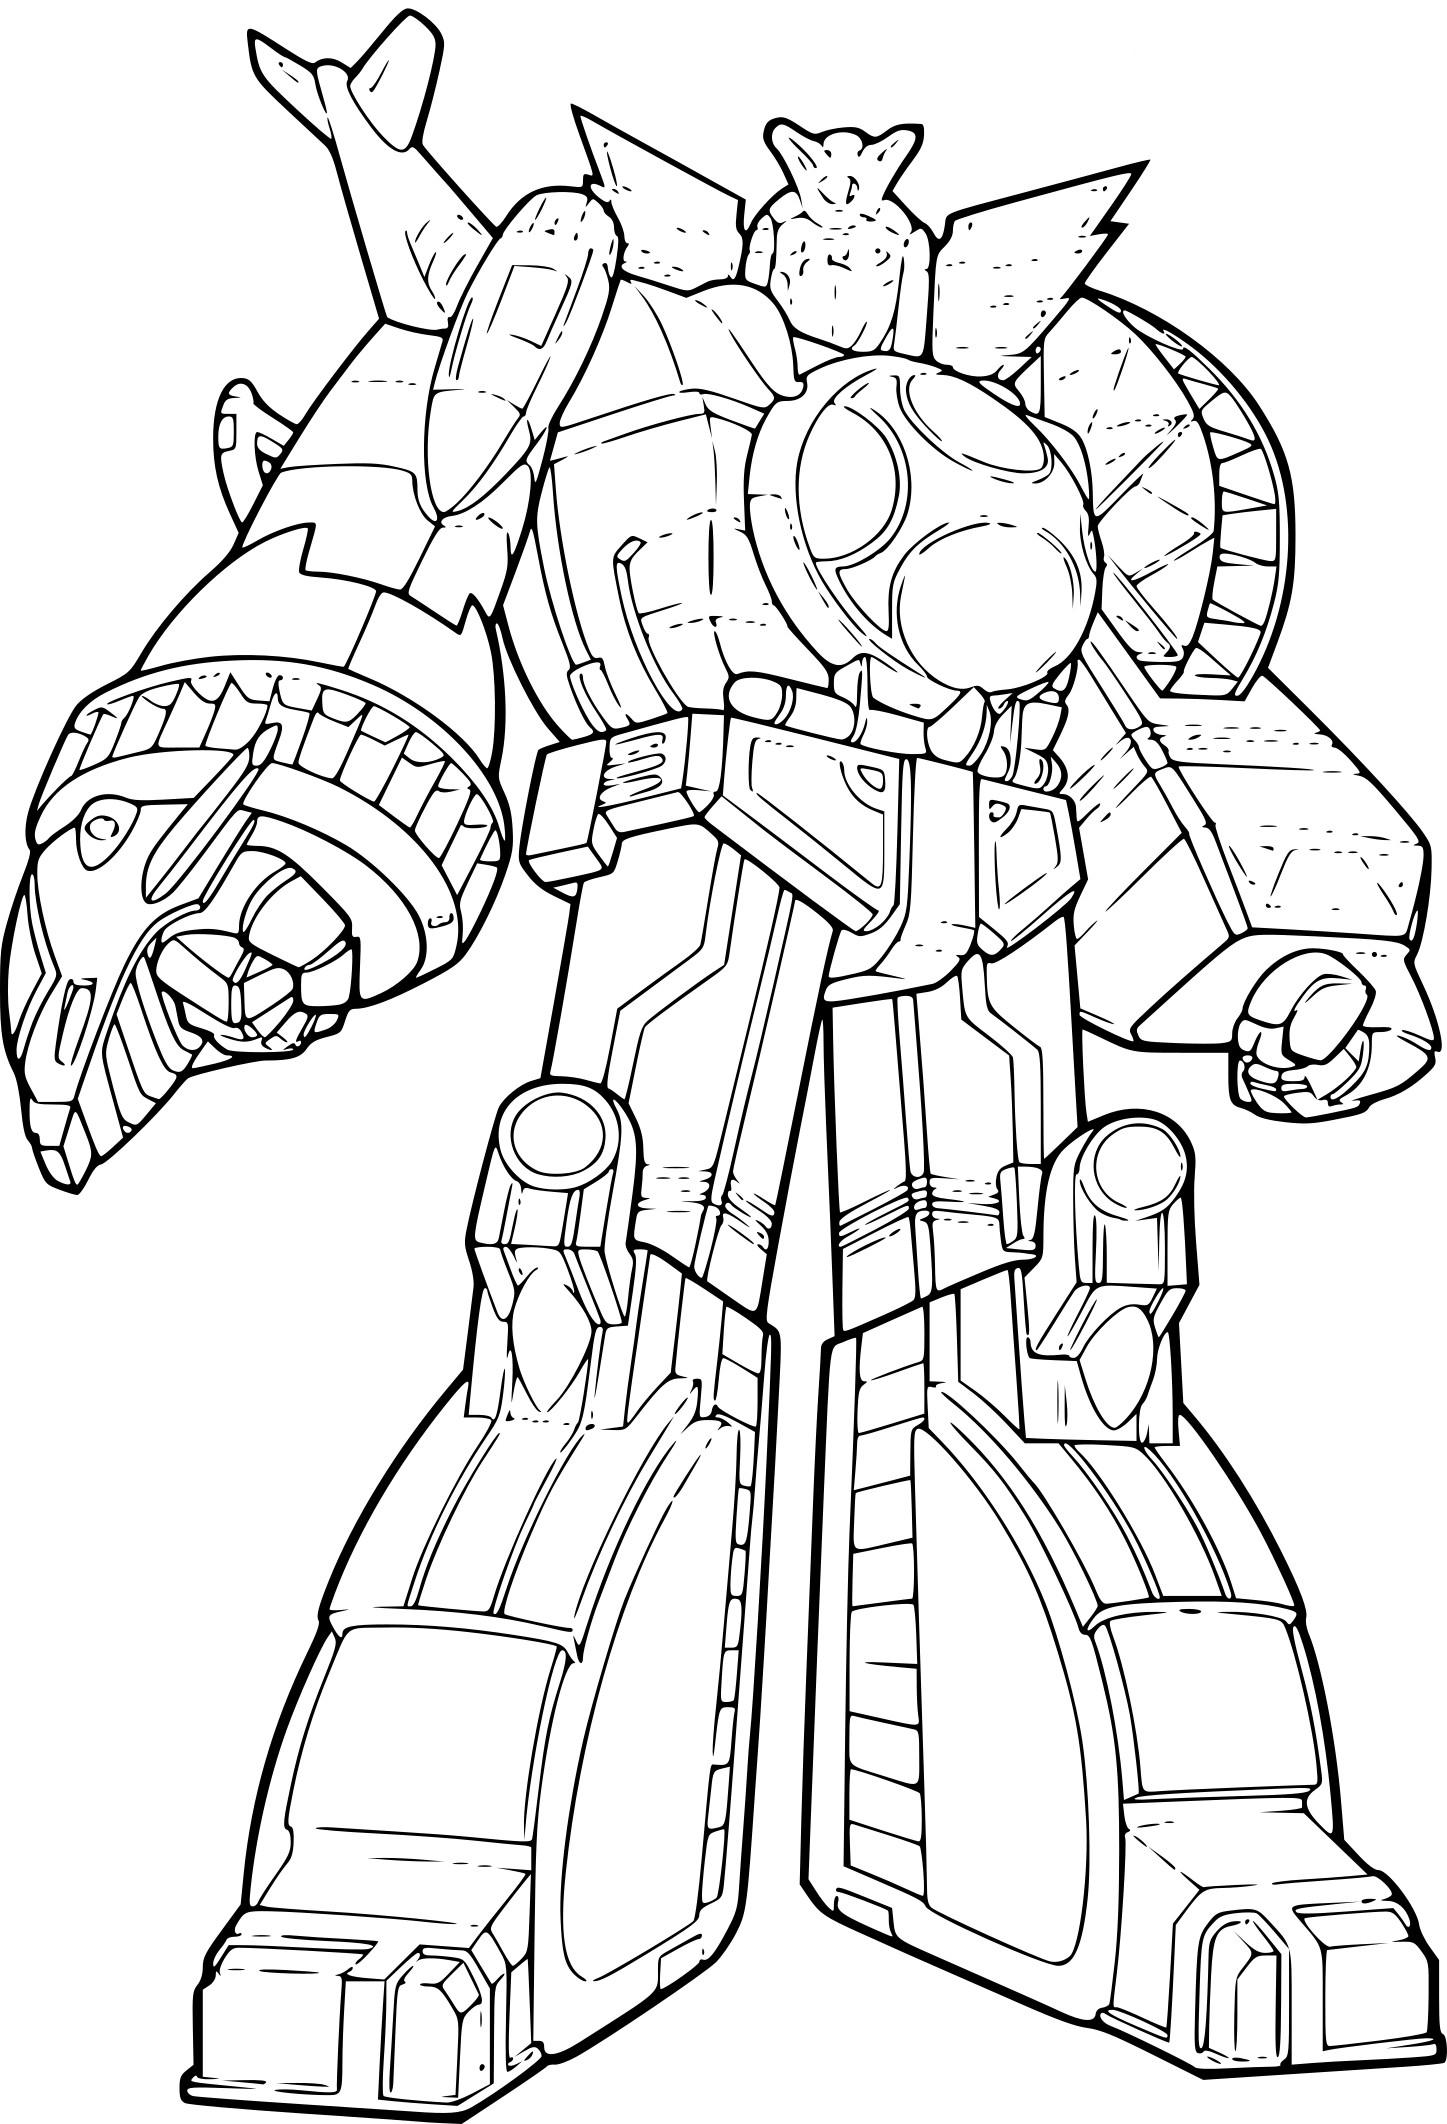 Coloriage Power Rangers Jungle Fury À Imprimer à Coloriage Power Rangers A Imprimer